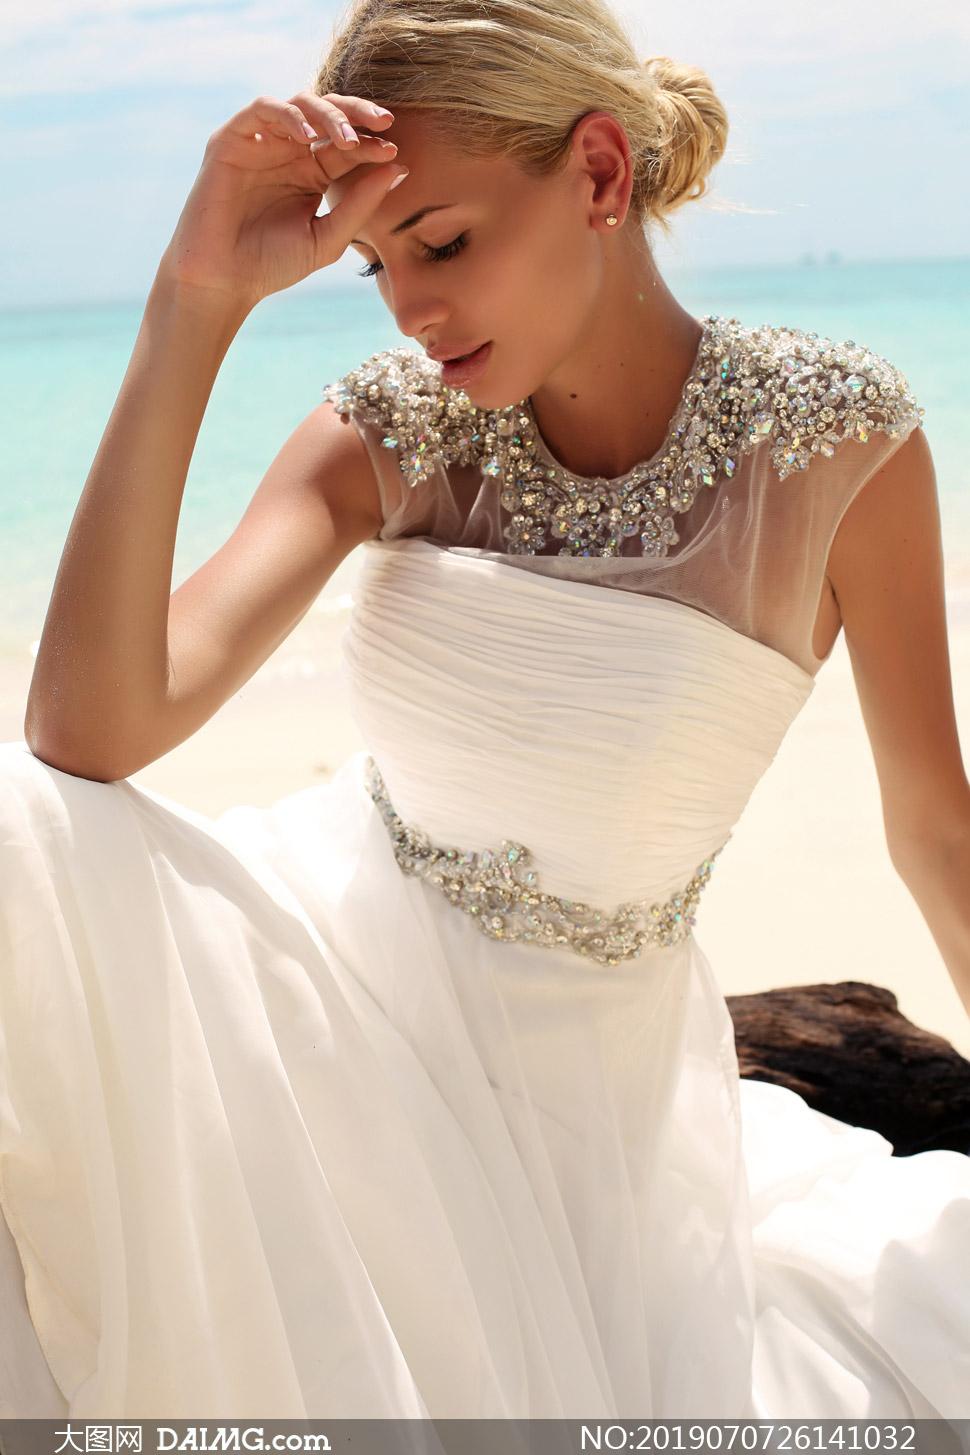 海边金发美女婚纱人物摄影高清图片